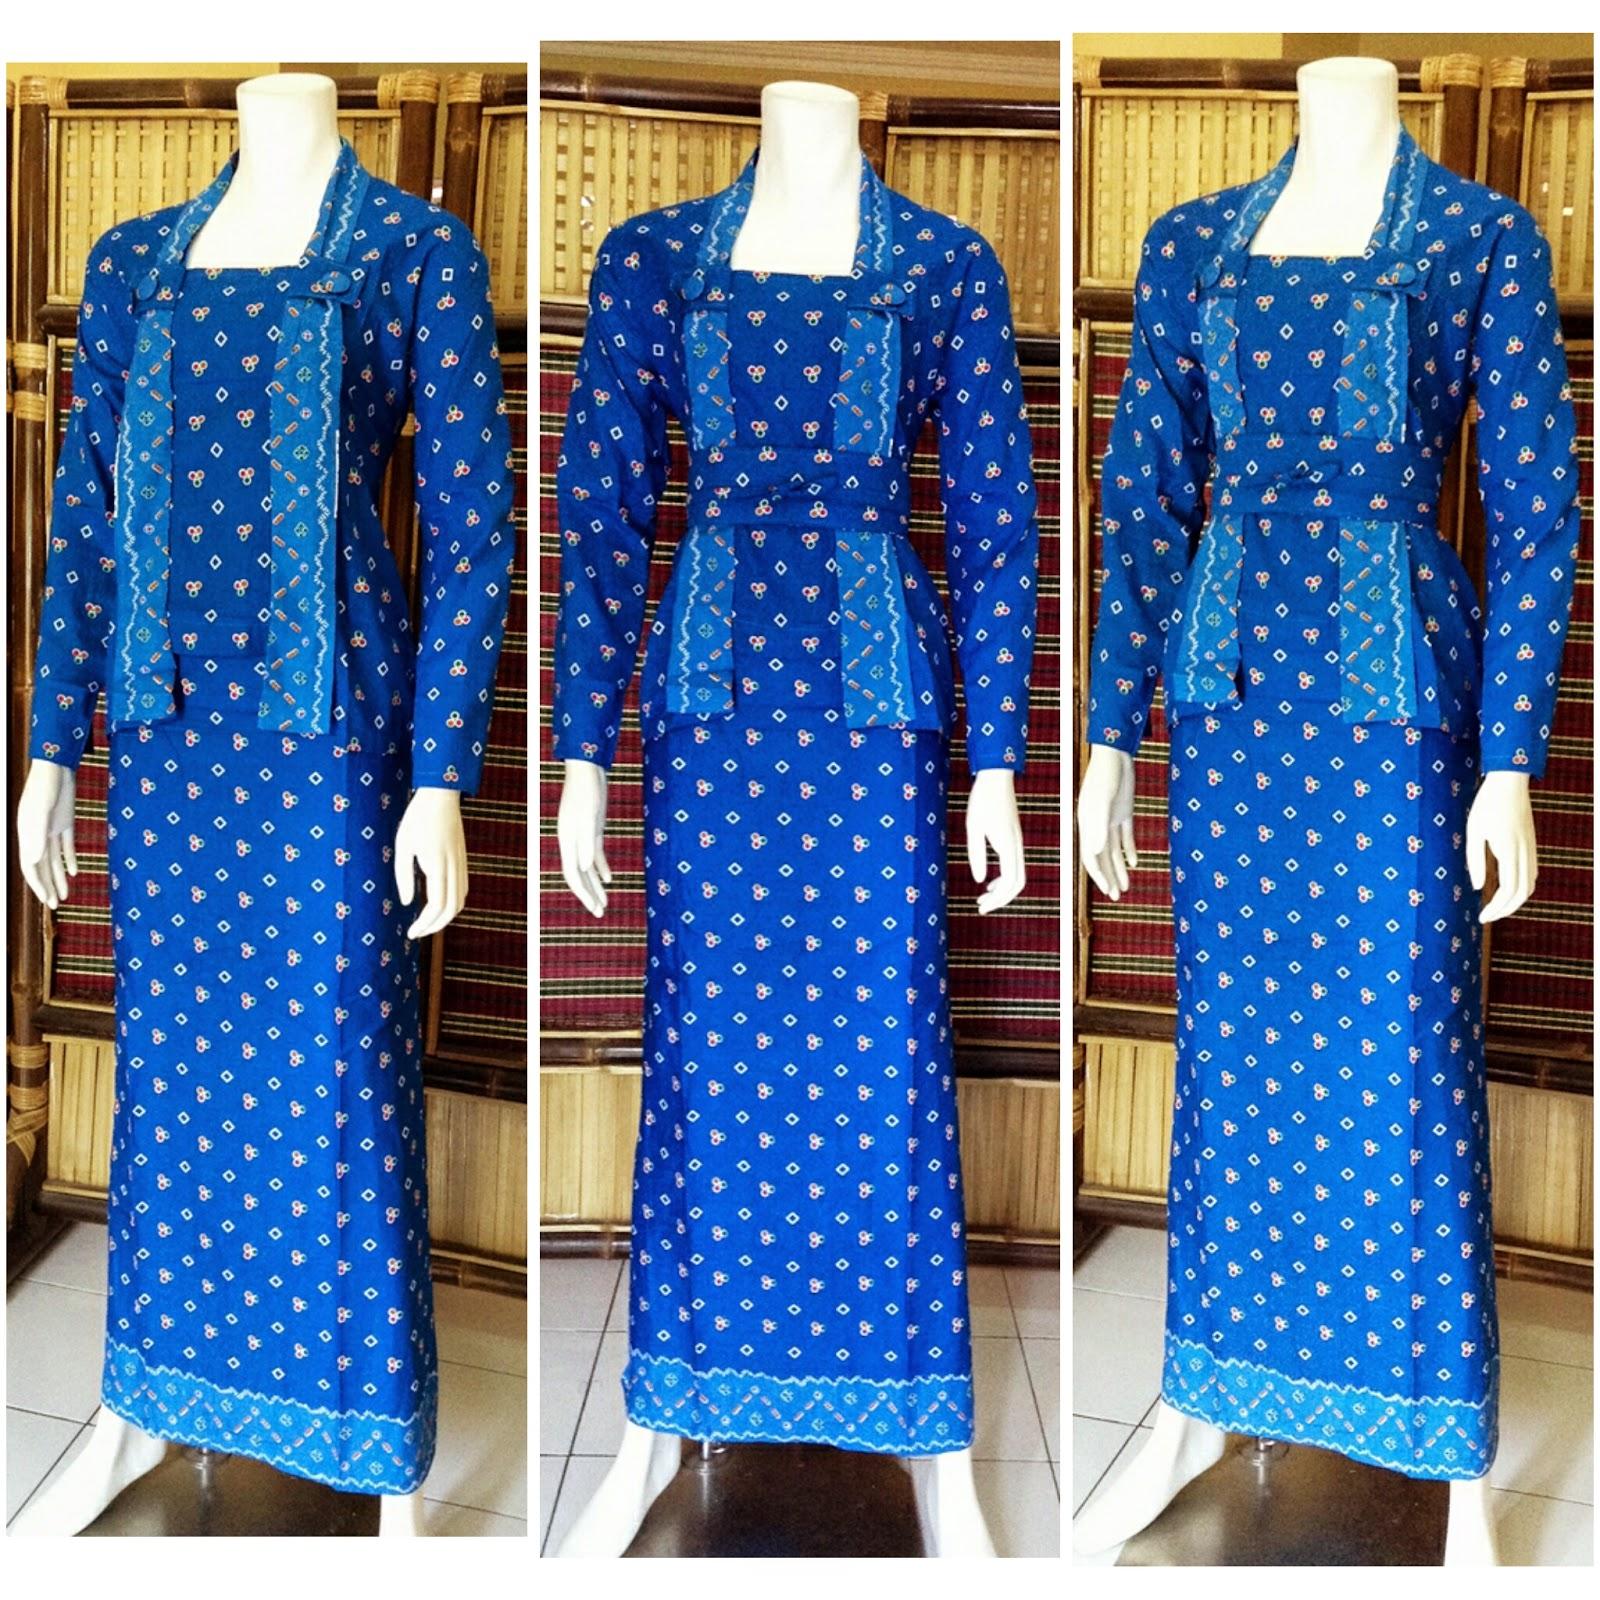 Toko Pedia Baju Batik: Jual Setelan Batik Gamis Jumputan Jumbo